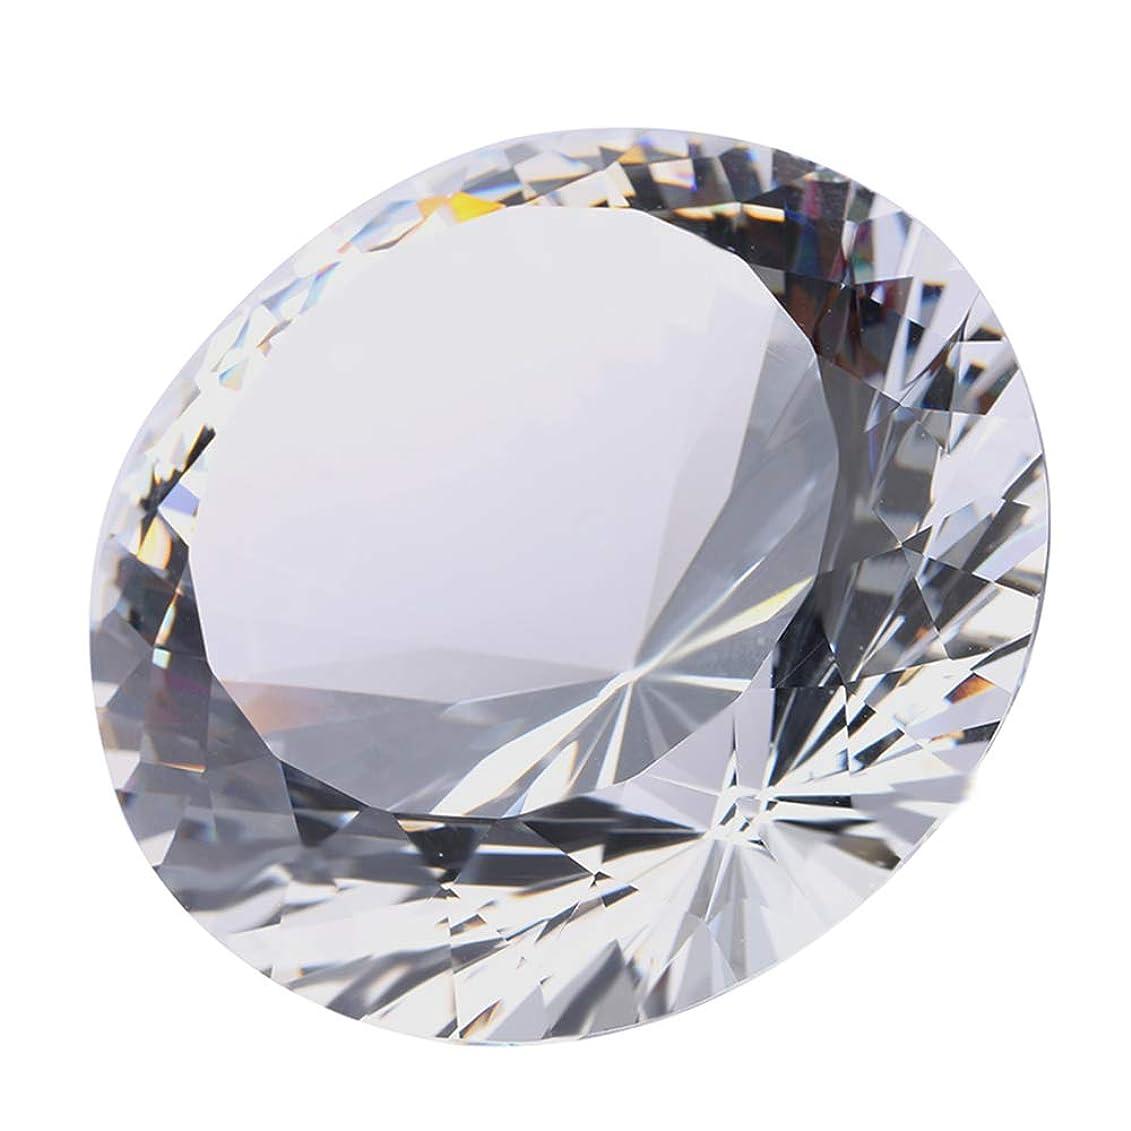 なめらか海気取らないクリアクリスタル 100mm ジュエル ペーパーウェイト ガラス ダイヤモンド デコレーション ジャイアント ダイヤモンド プロップ ウェディング ホームデコレーション